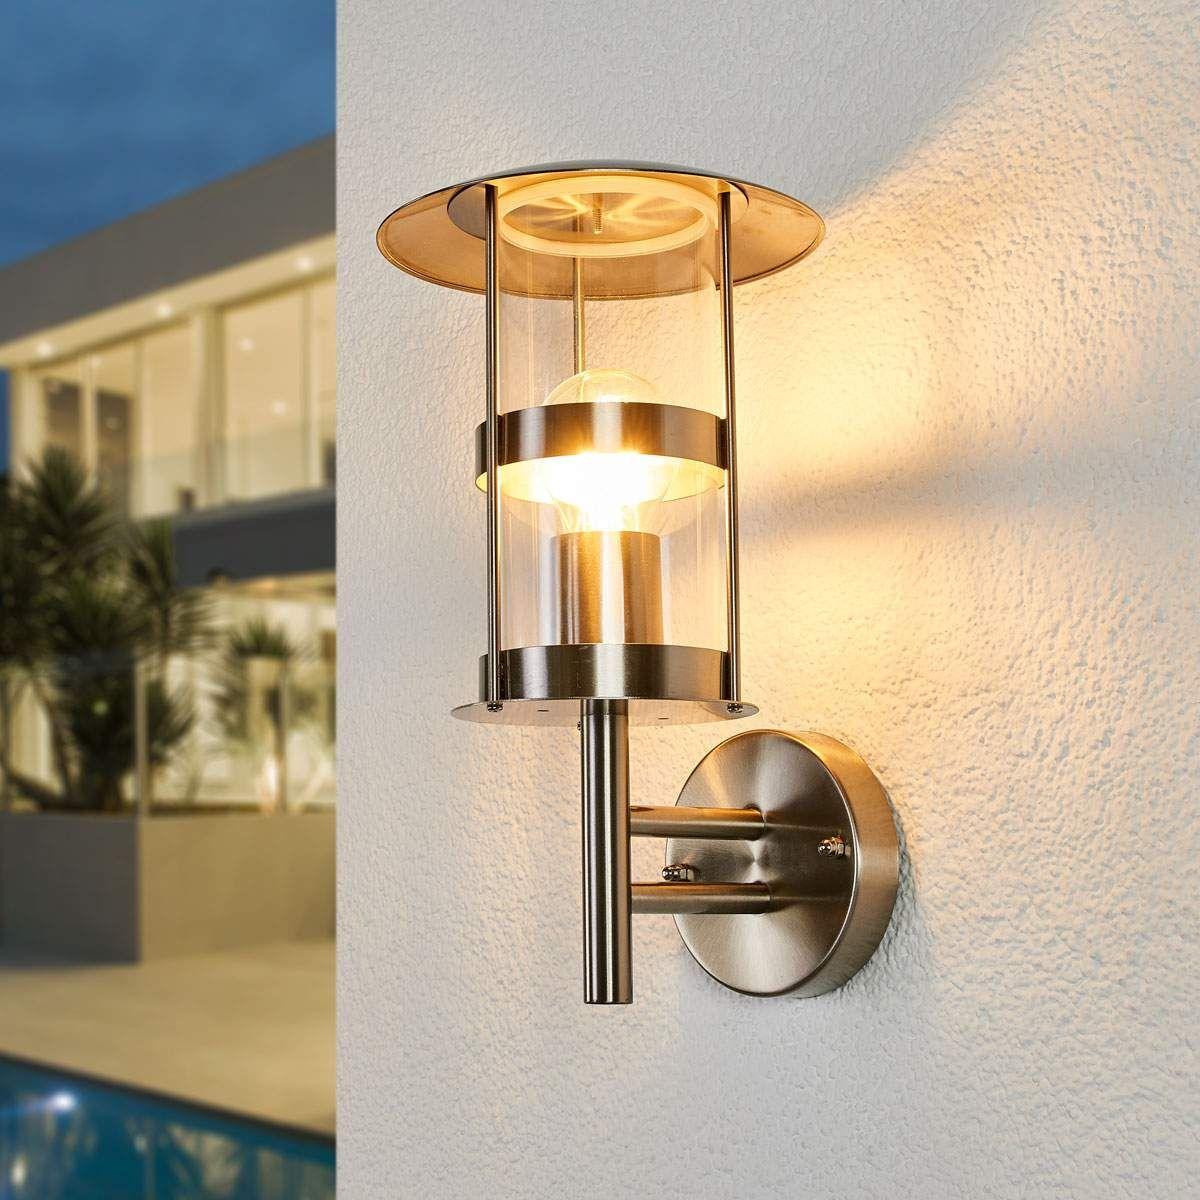 Led Außenlampe Mit Bewegungsmelder Und Schalter Für Dauerlicht